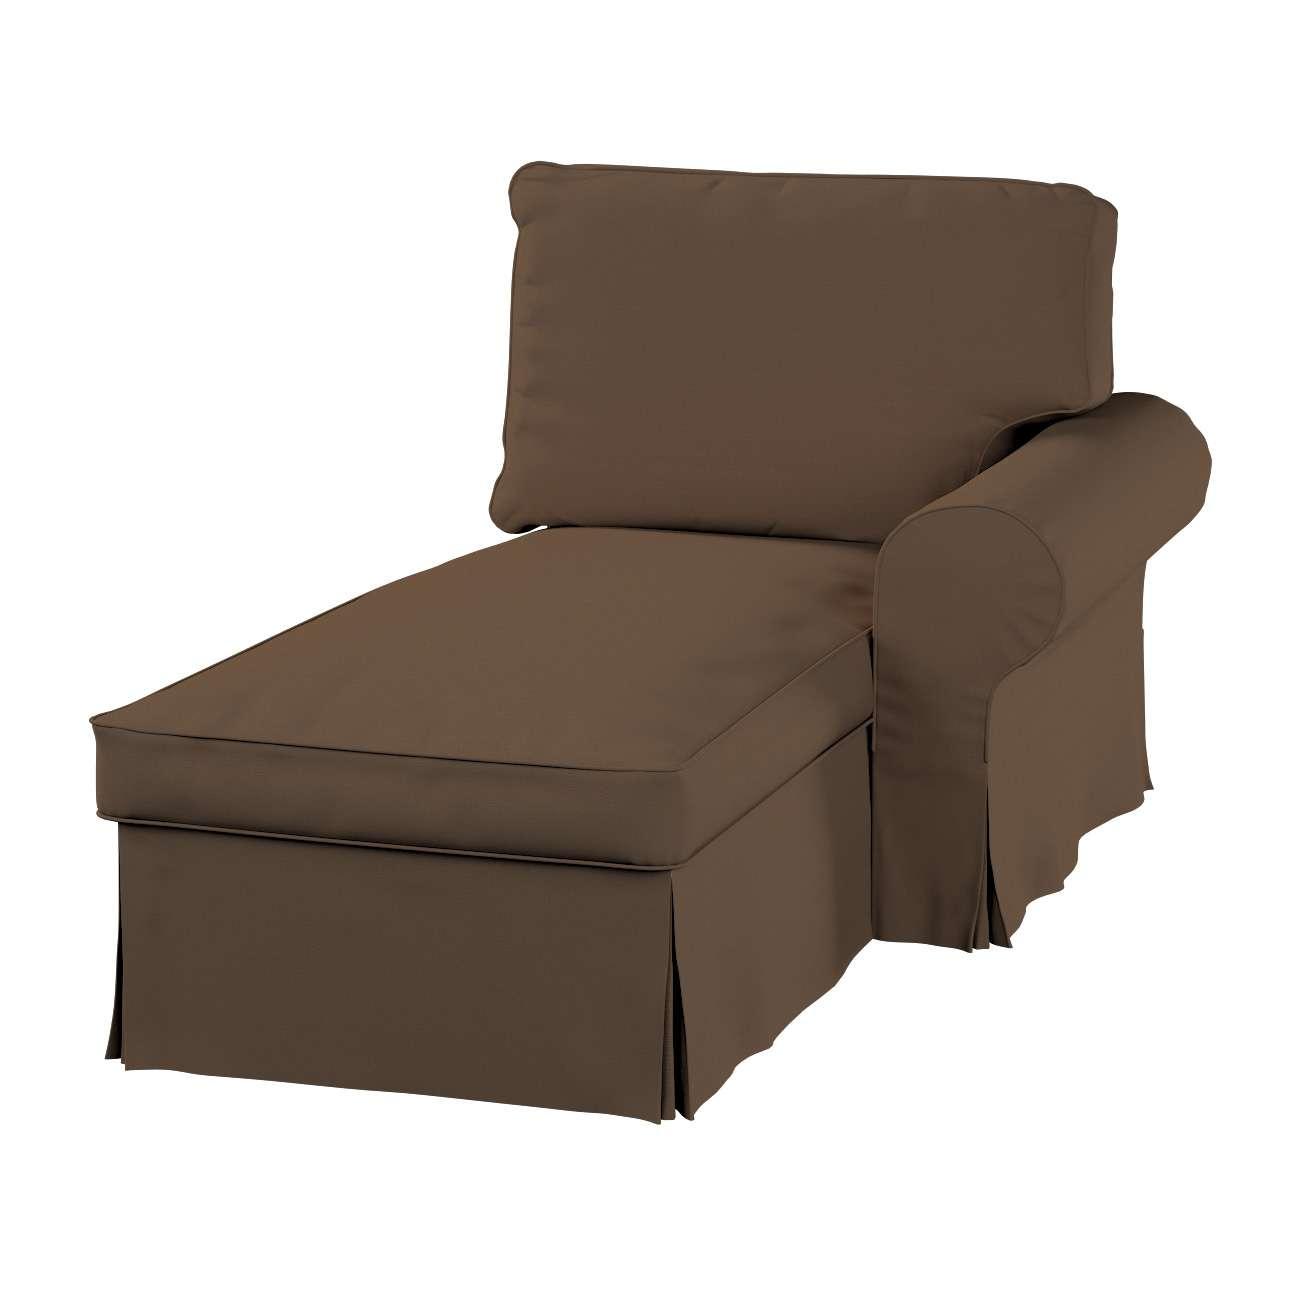 Ektorp gulimajo krėslo užvalkalas  (su porankiu, dešiniojo) Ektorp gulimojo krėslo užvalkalas su porankiu (dešiniojo) kolekcijoje Cotton Panama, audinys: 702-02